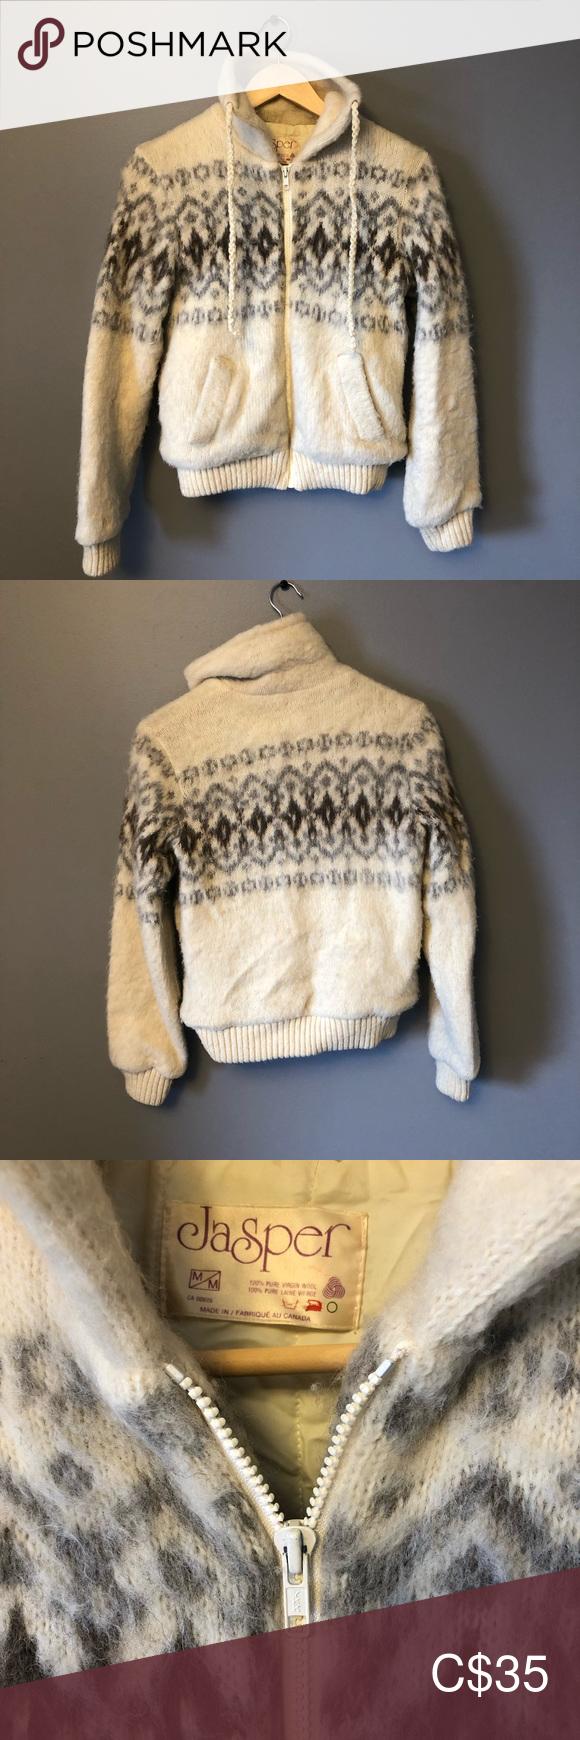 Vintage Virgin Wool Sweater Icelandic Wool sweaters